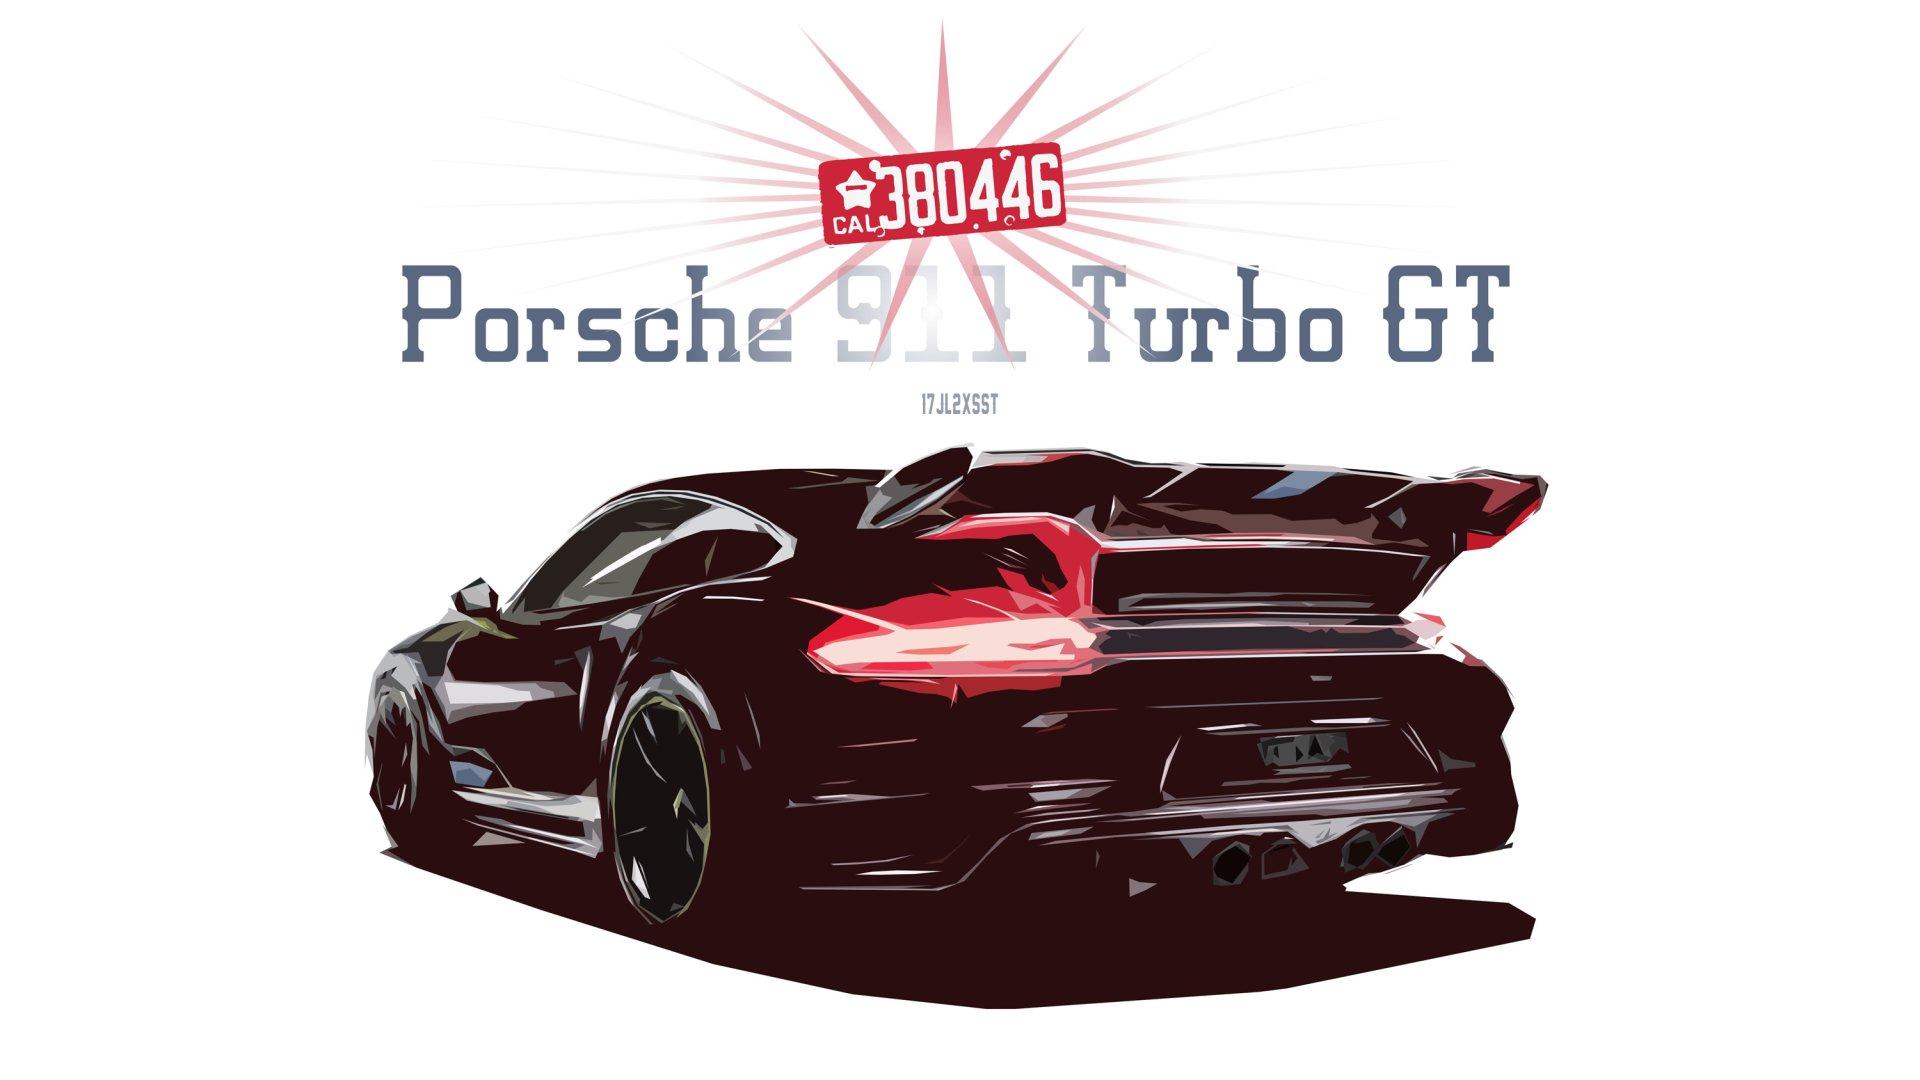 Vehicles - Porsche 911 Turbo  Porsche Porsche 911 Car Artistic Sport Car Race Car Digital Art Vector Wallpaper